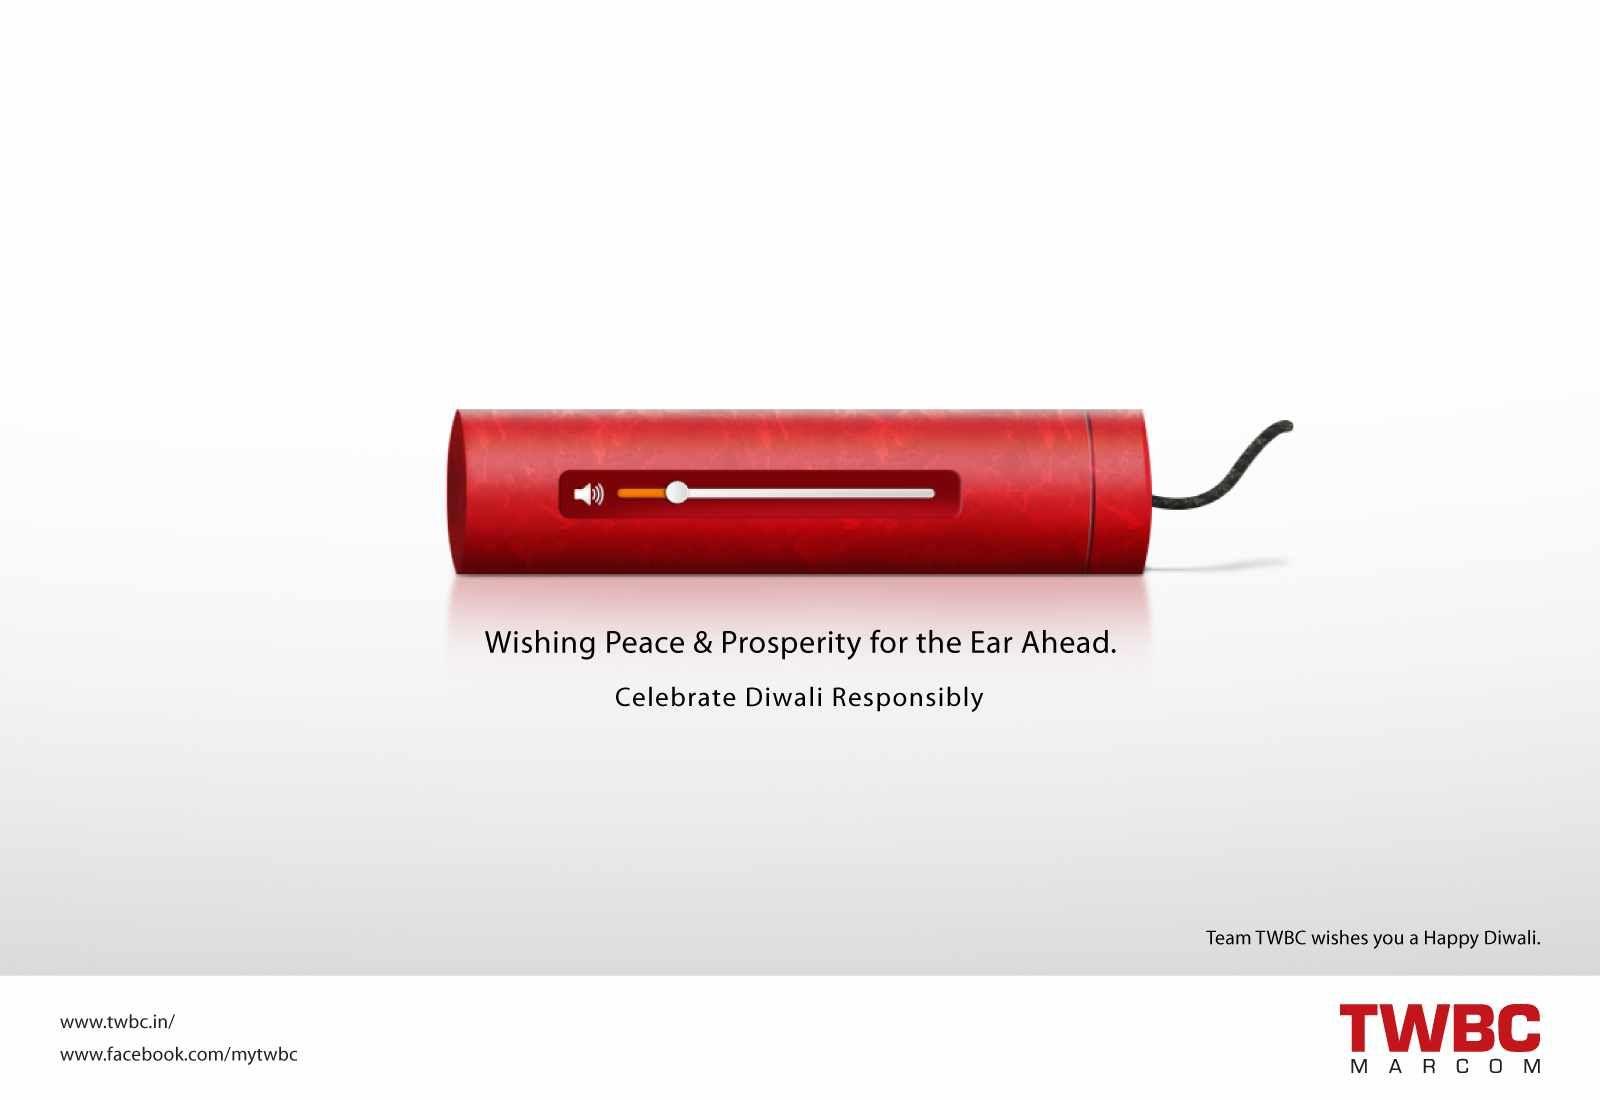 TWBC Diwali Ad